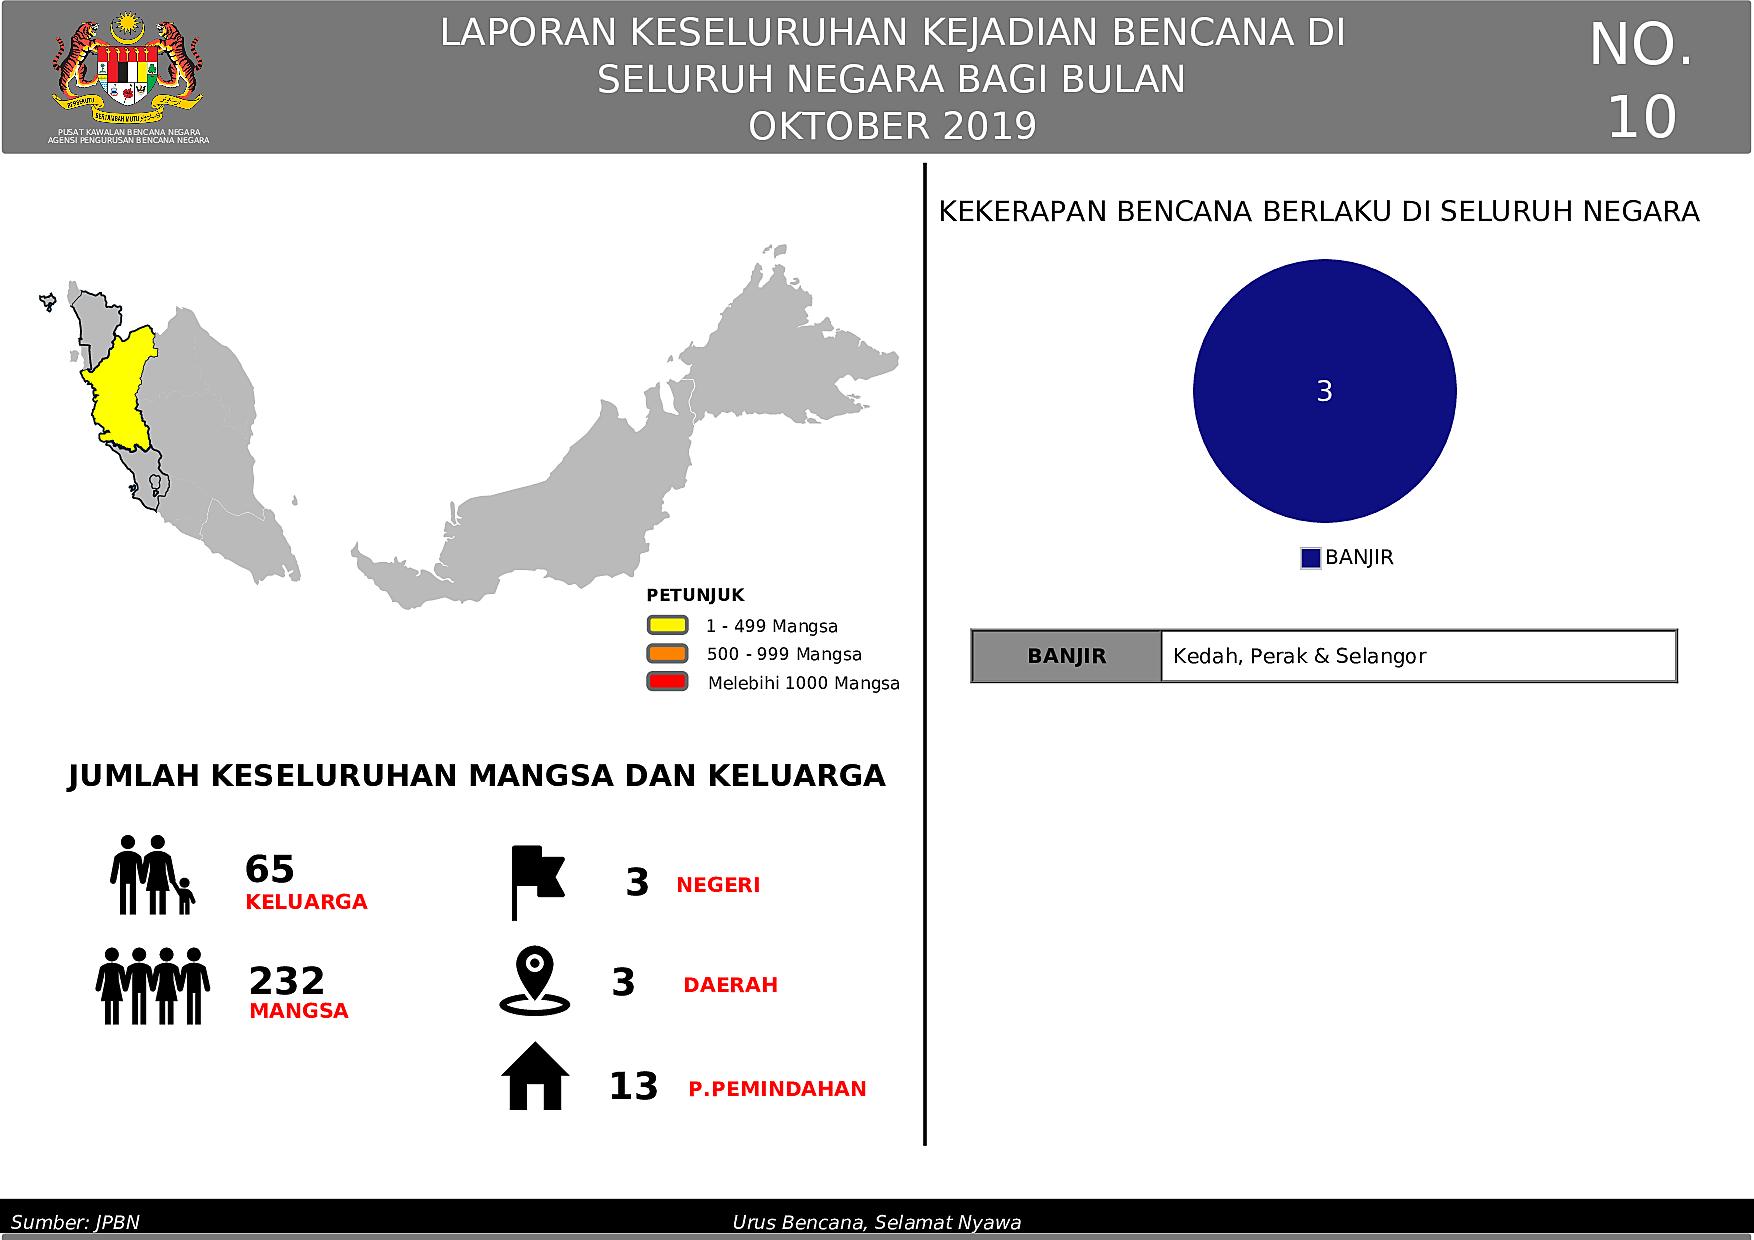 Laporan Bulanan  - October 2019 oleh Izam Md Aris